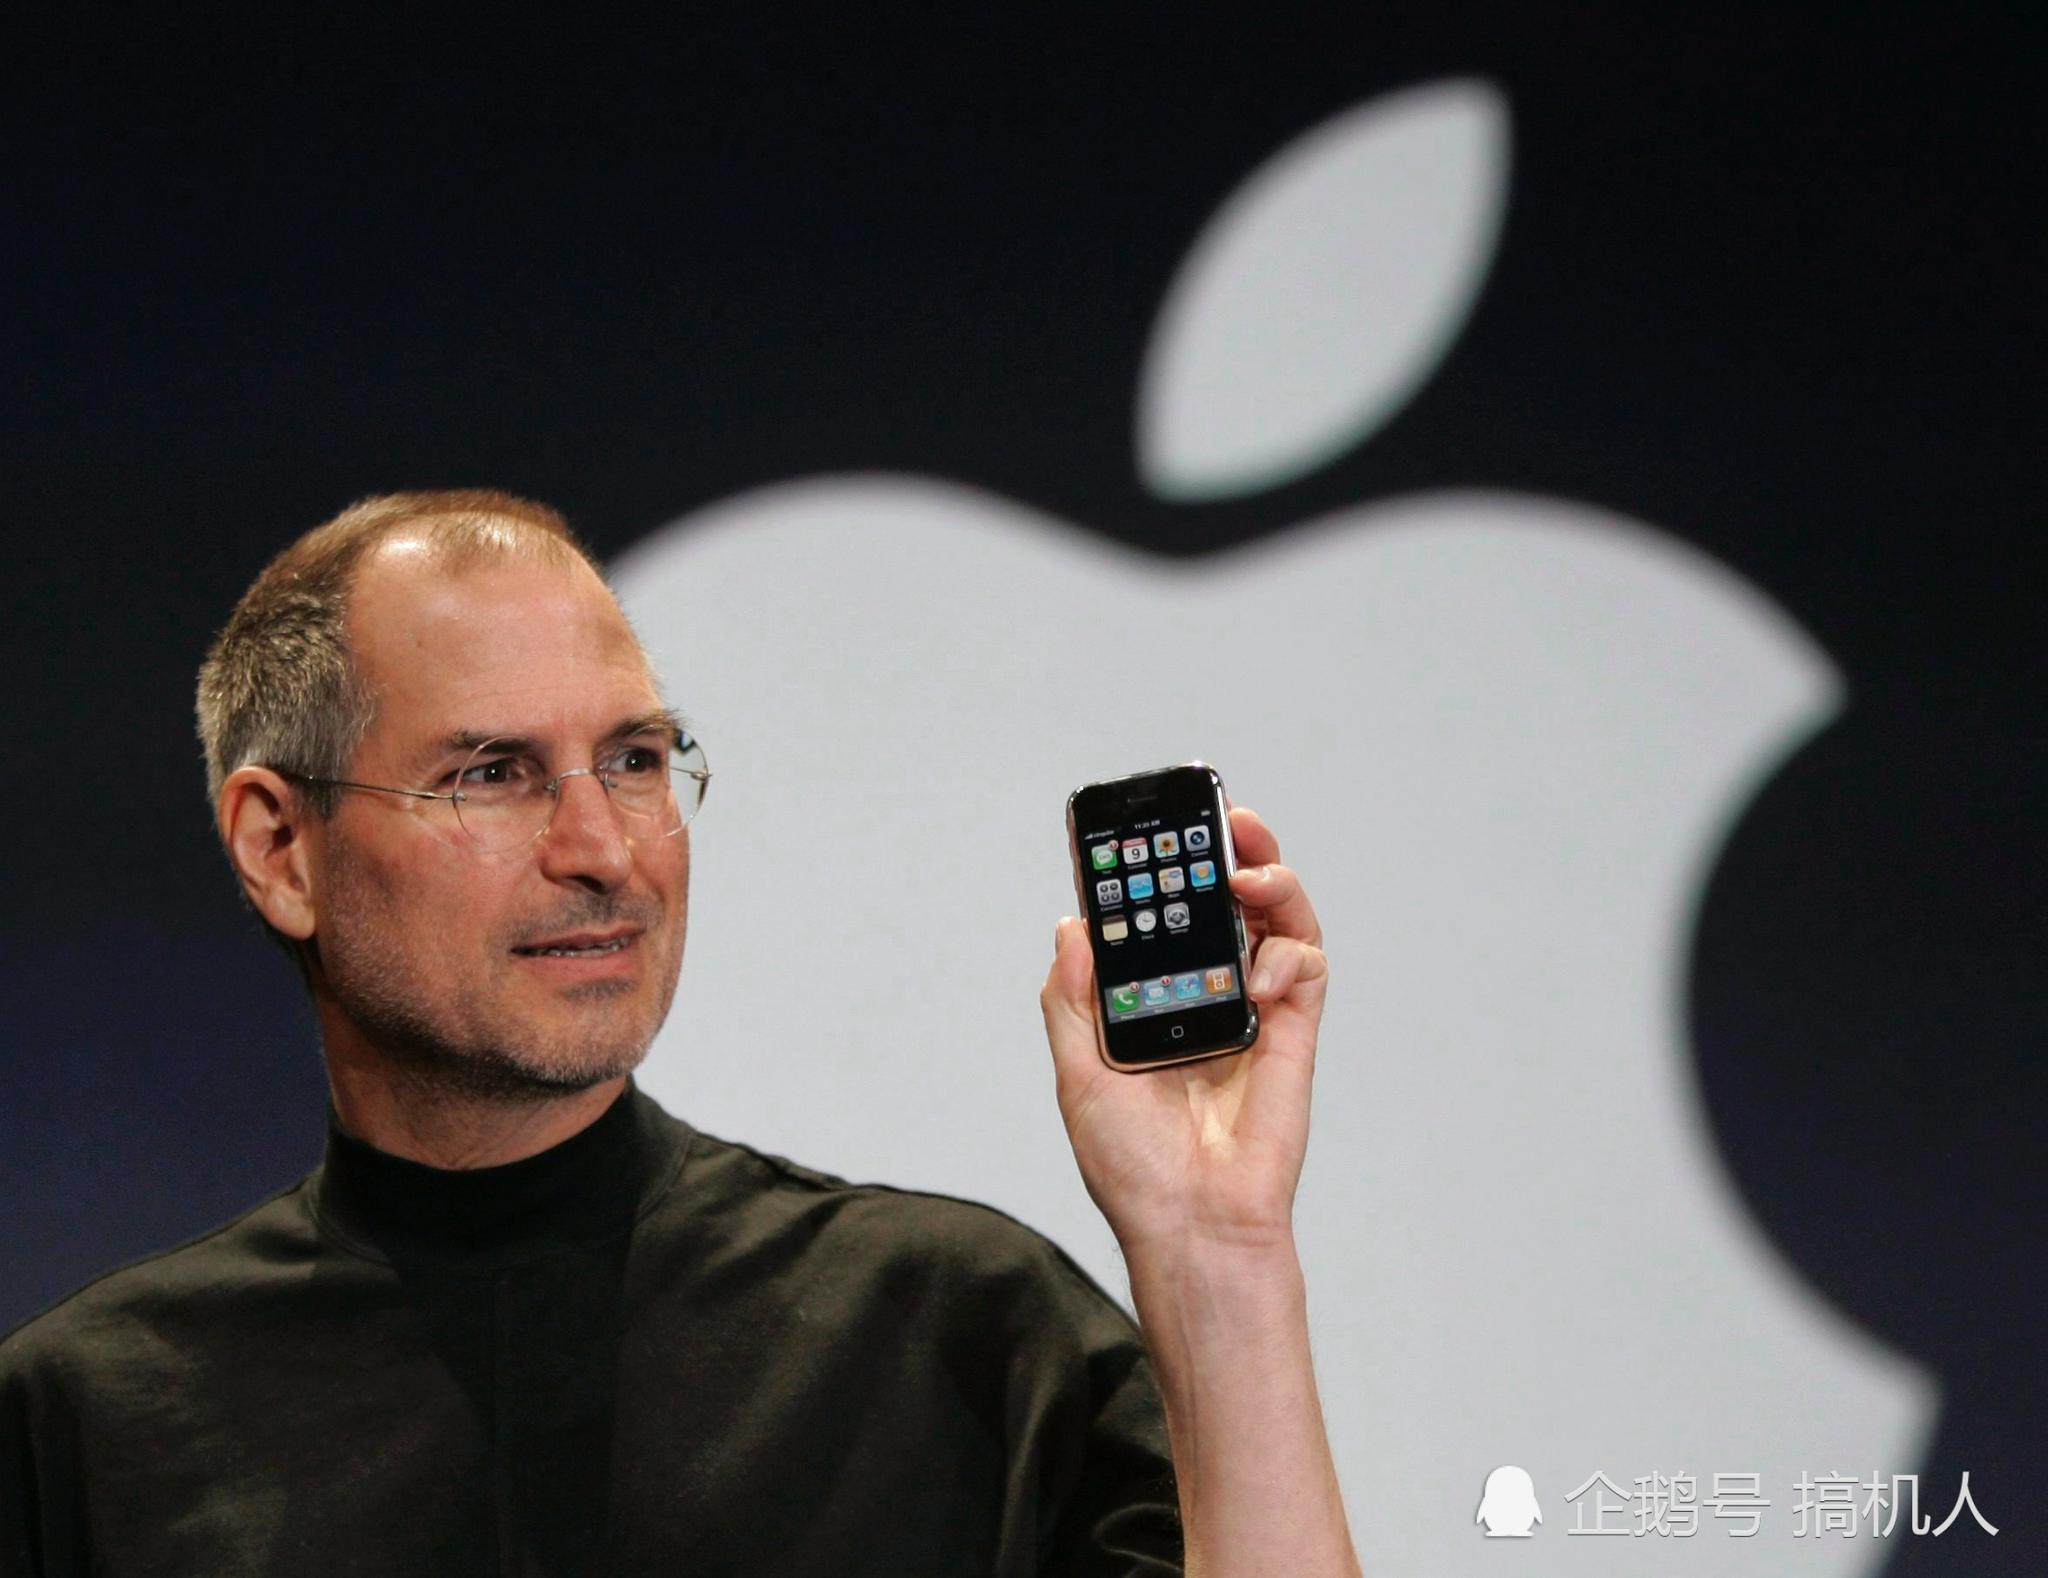 发布13年后,苹果今年将卖出第20亿台iPhone手机